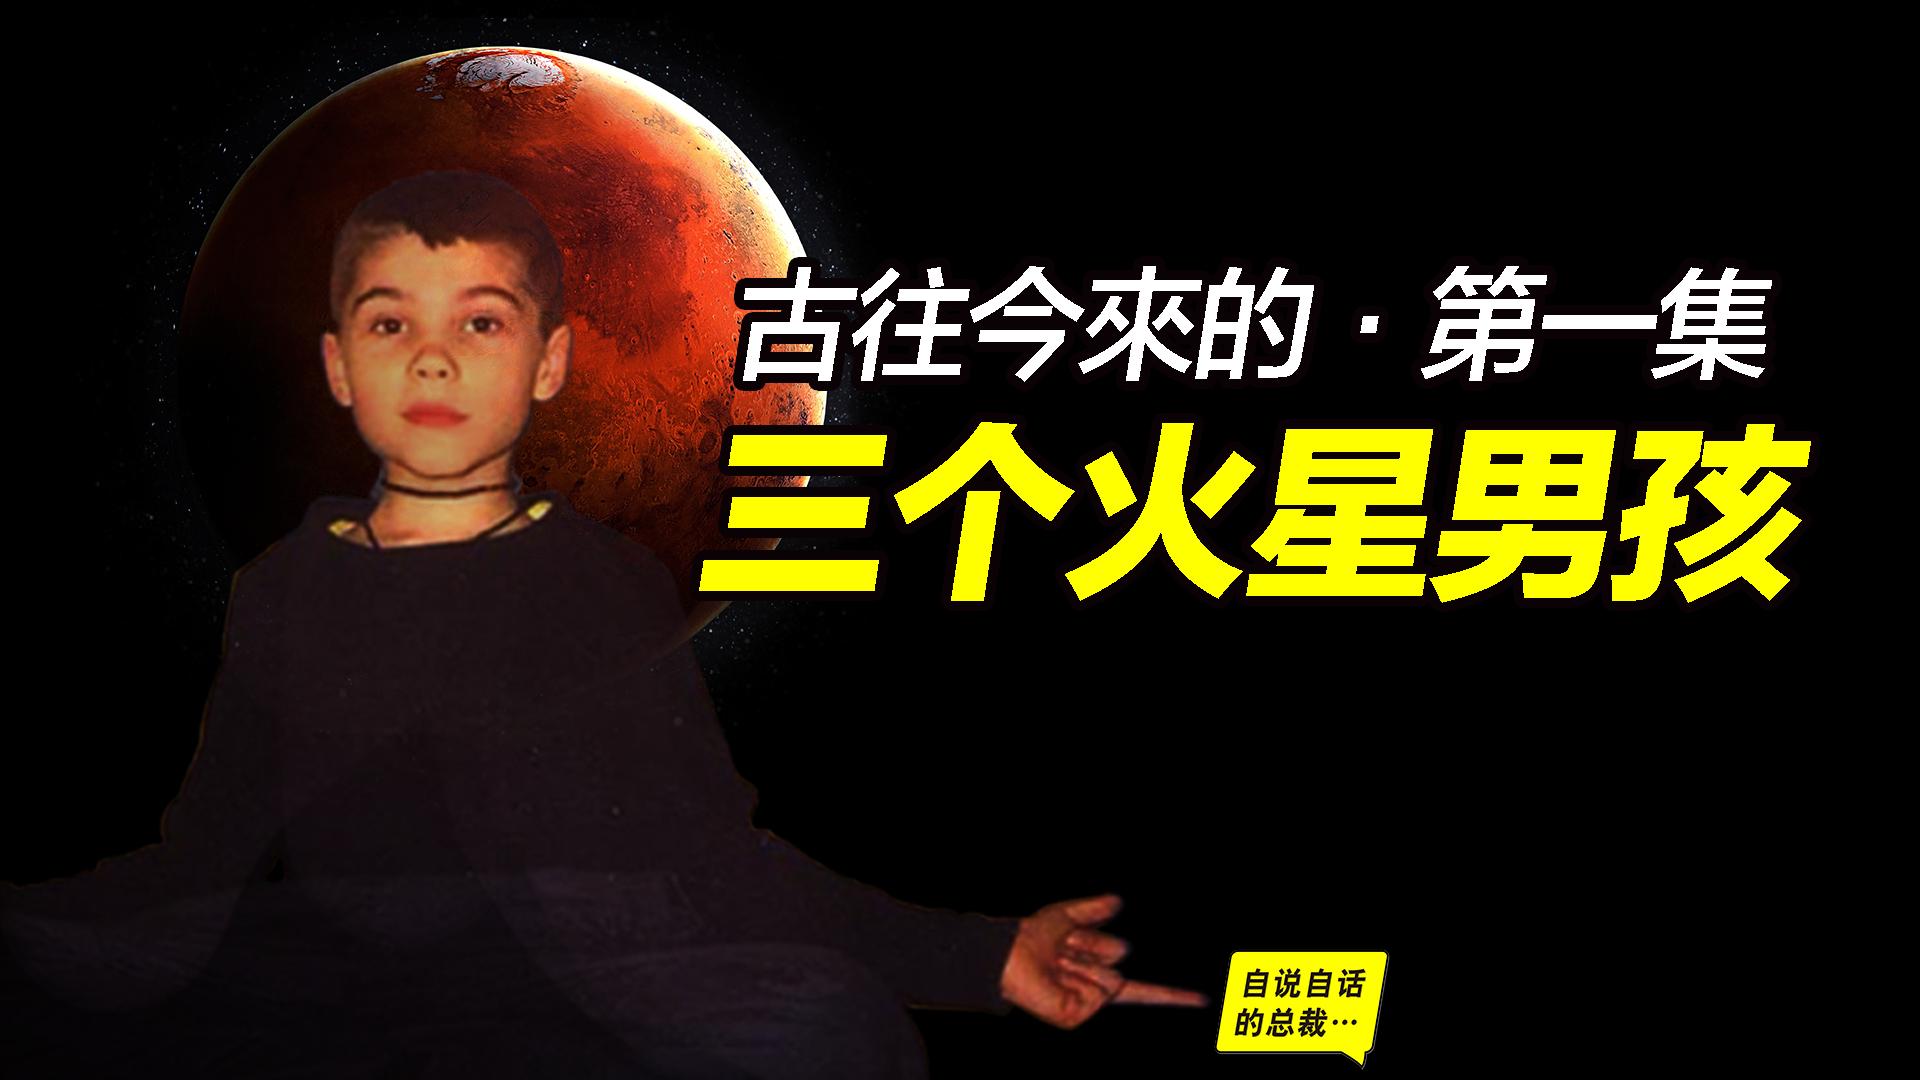 火星男孩只是一场作秀吗?